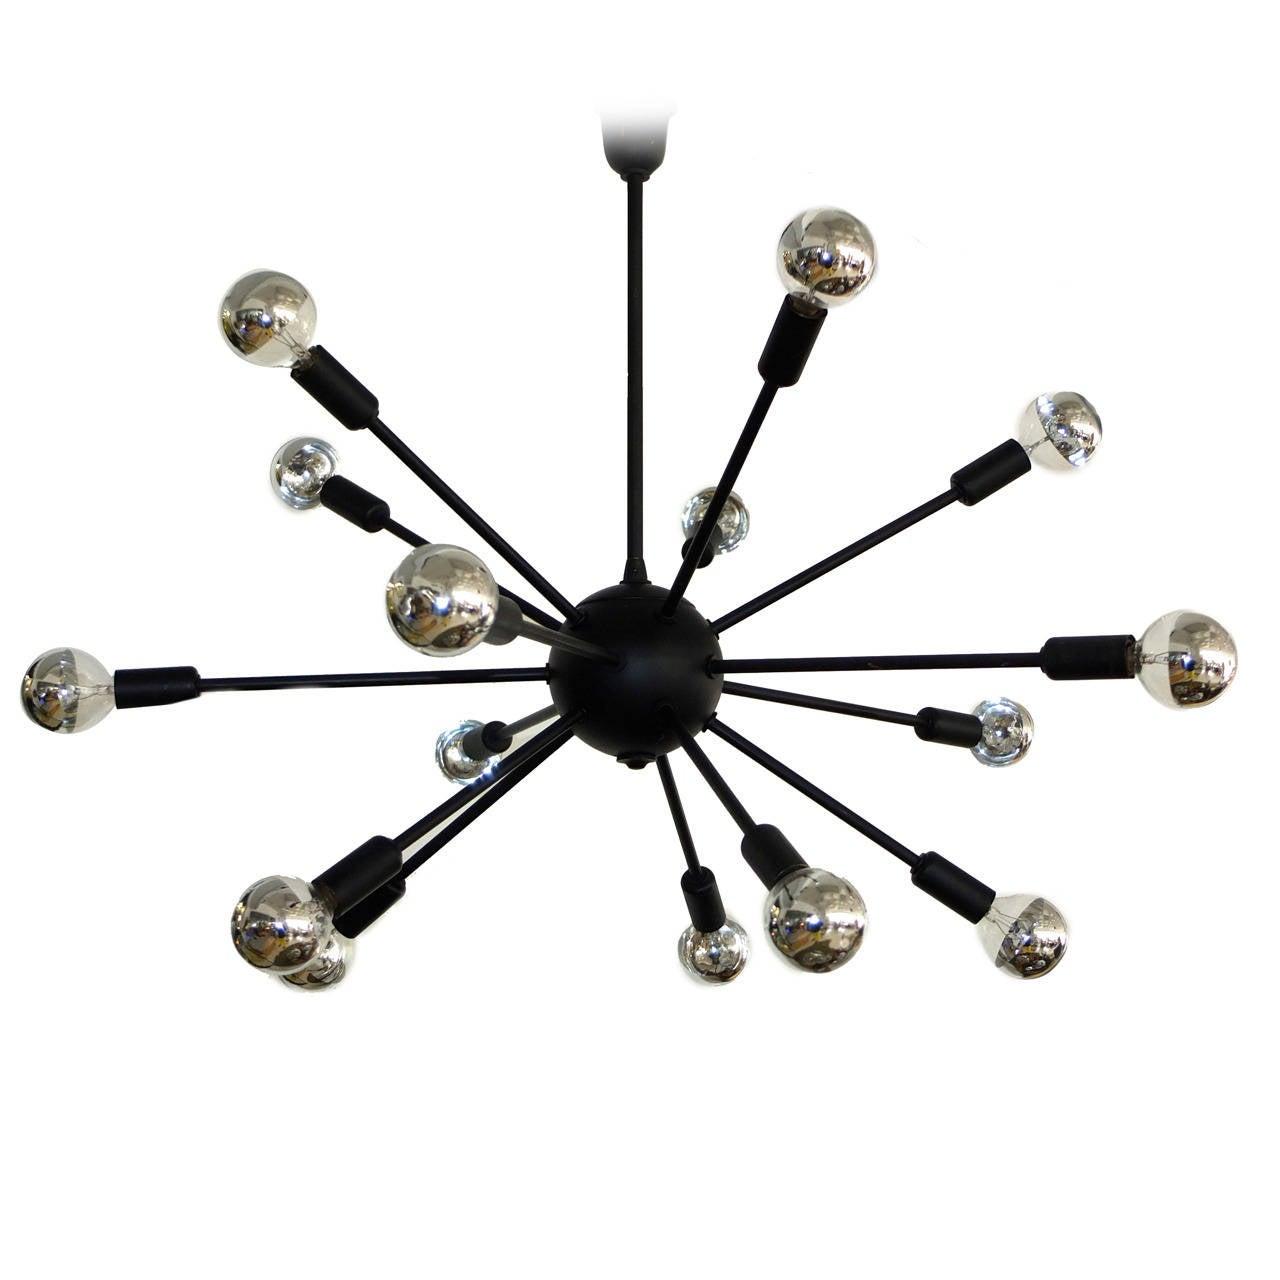 1950s Black on Brass Sputnik Chandelier For Sale